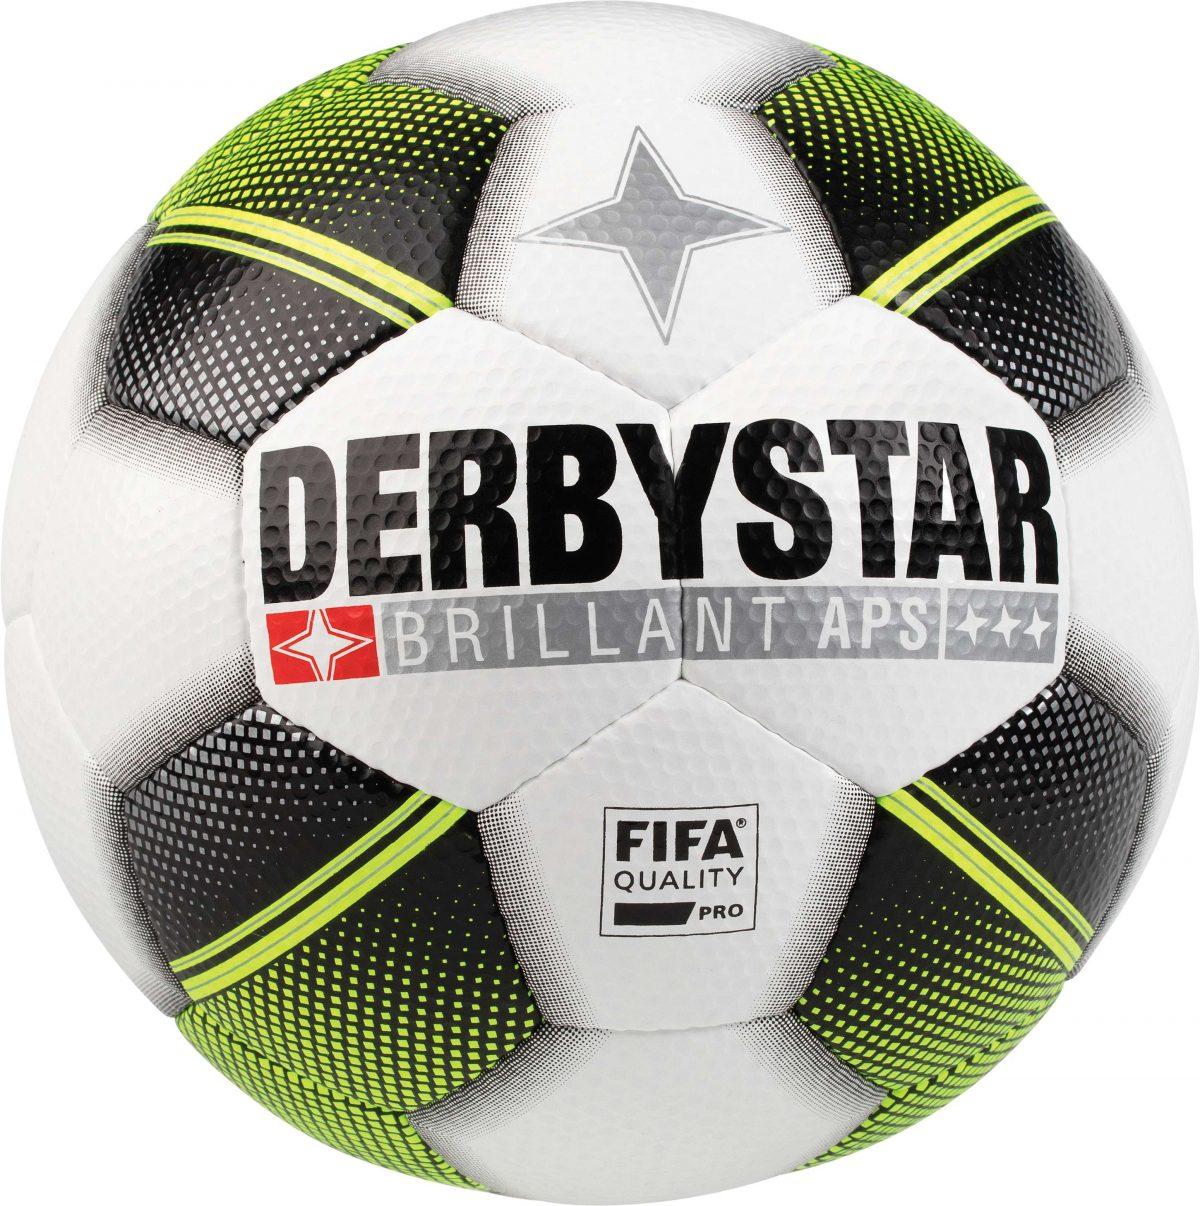 """Derbystar Fußball """"Brillant APS"""" - Bälle - Derbystar"""